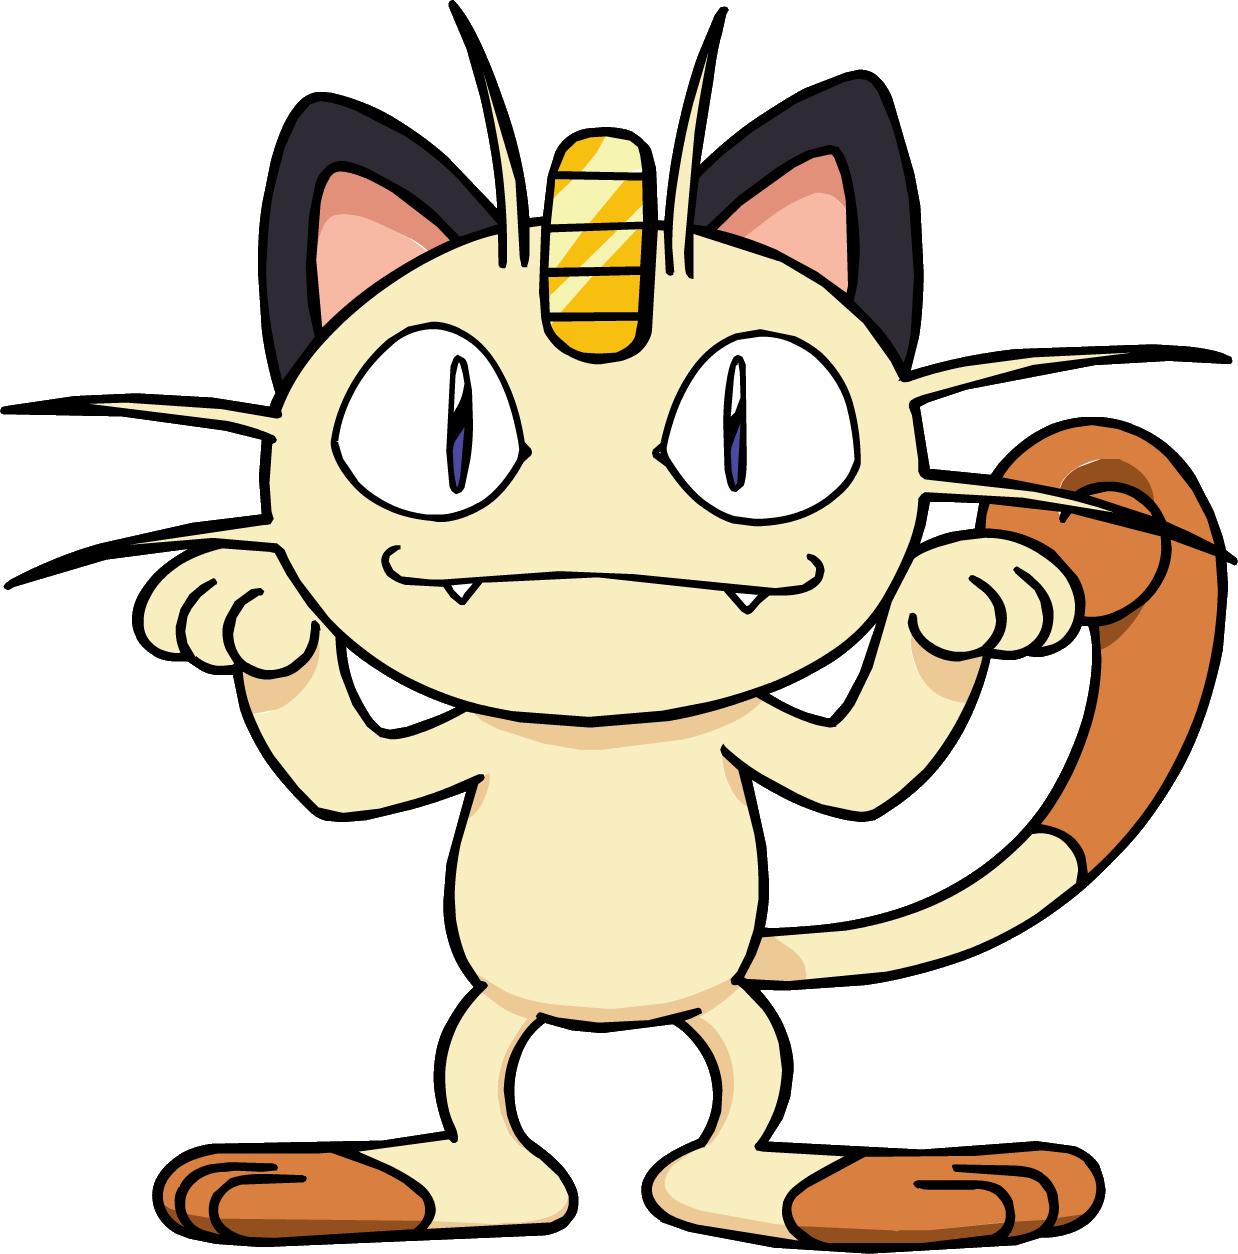 Risultati immagini per meow pokemon